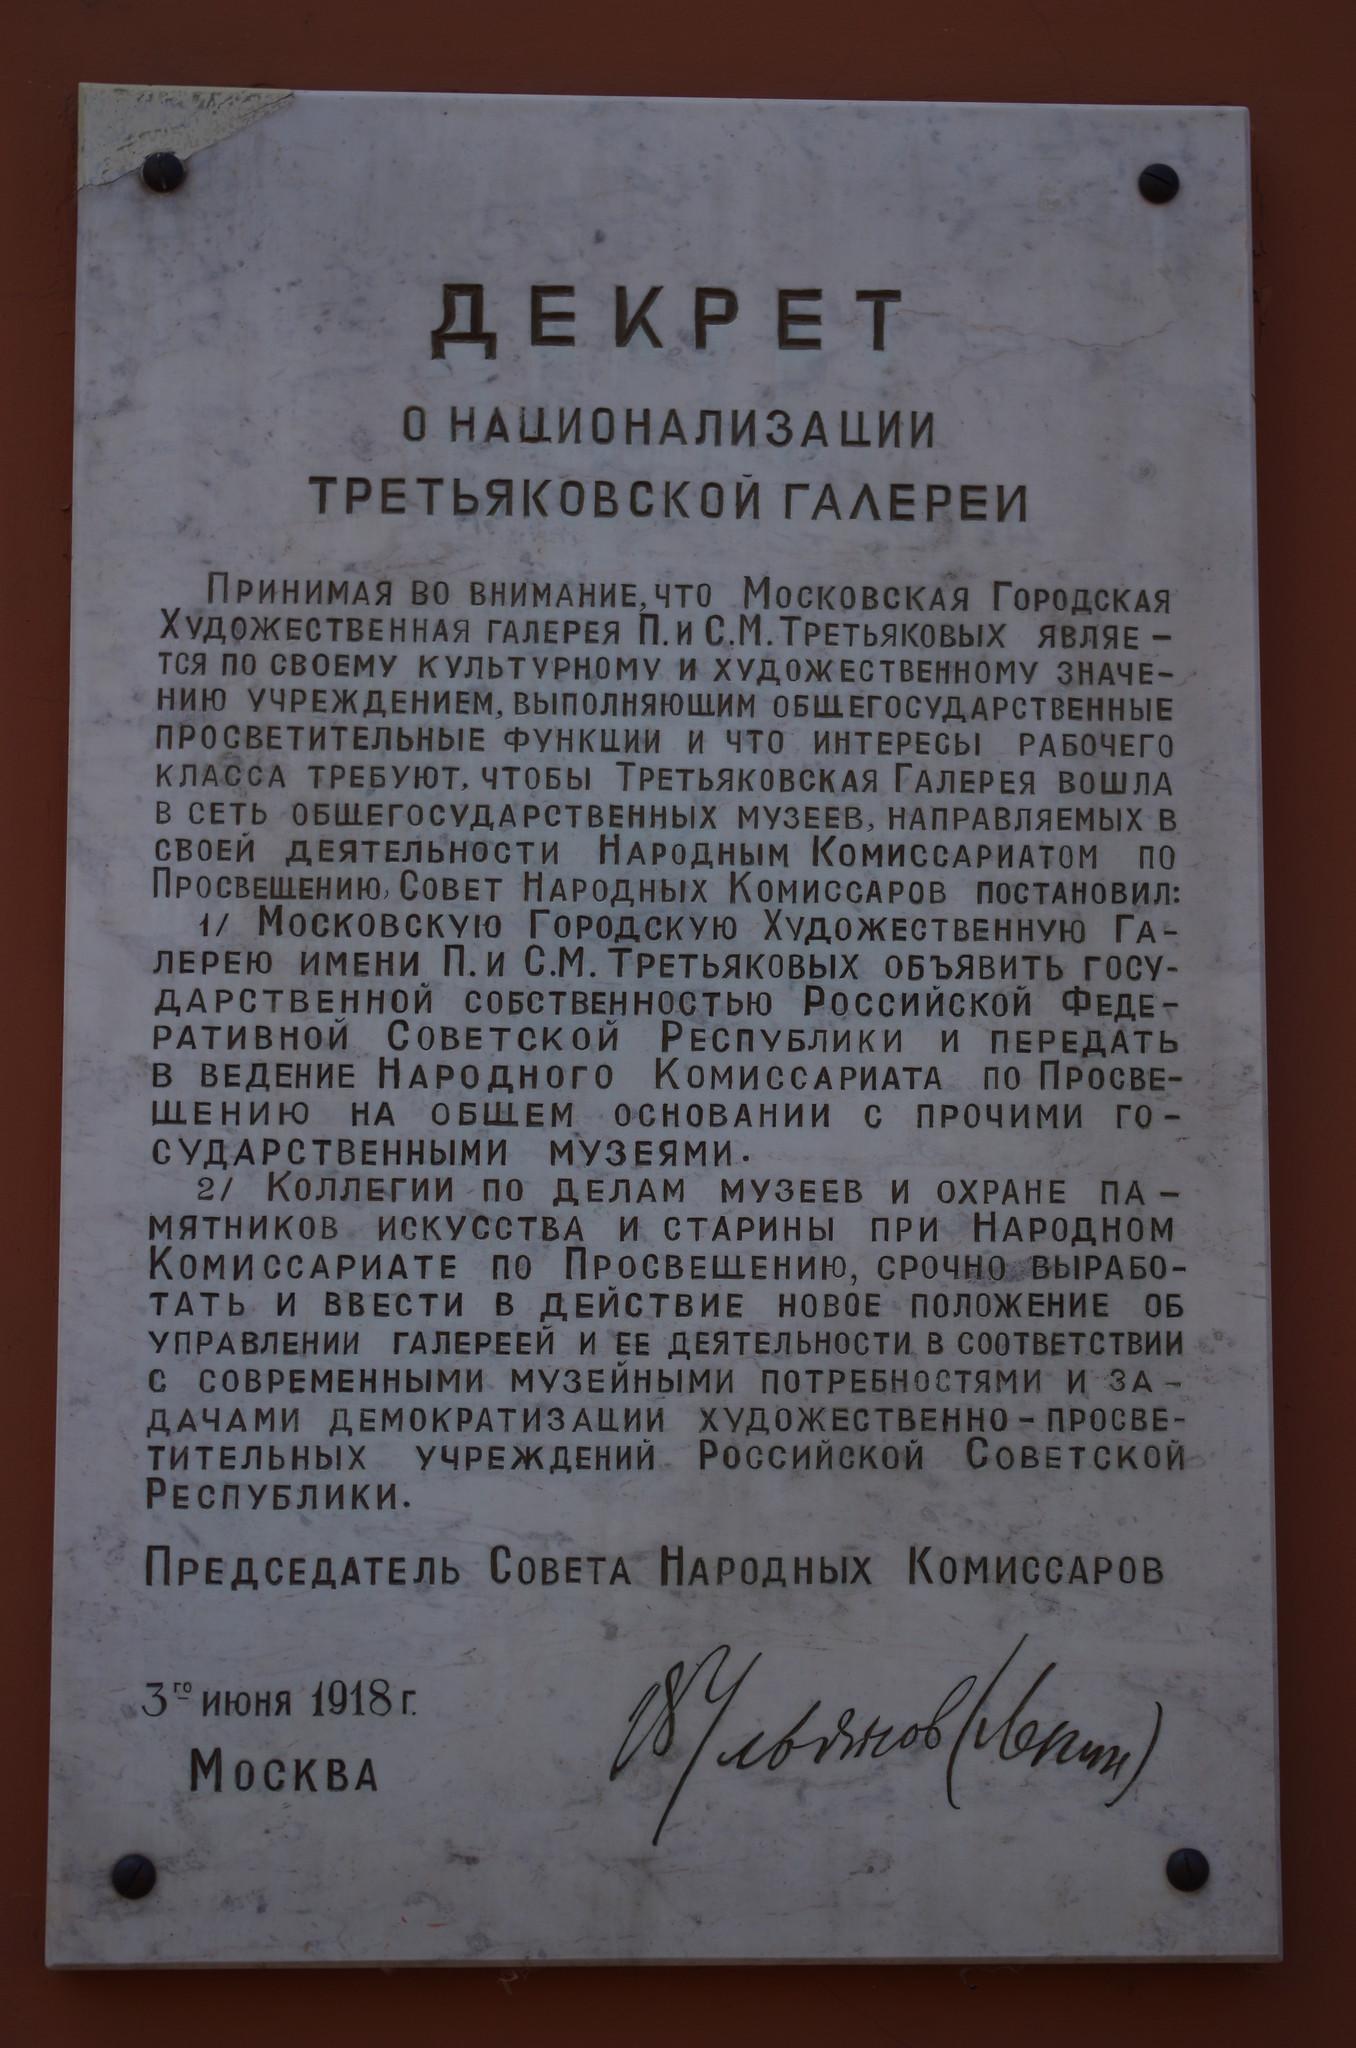 Декрет Совета народных комиссаров о национализации Третьяковской галереи